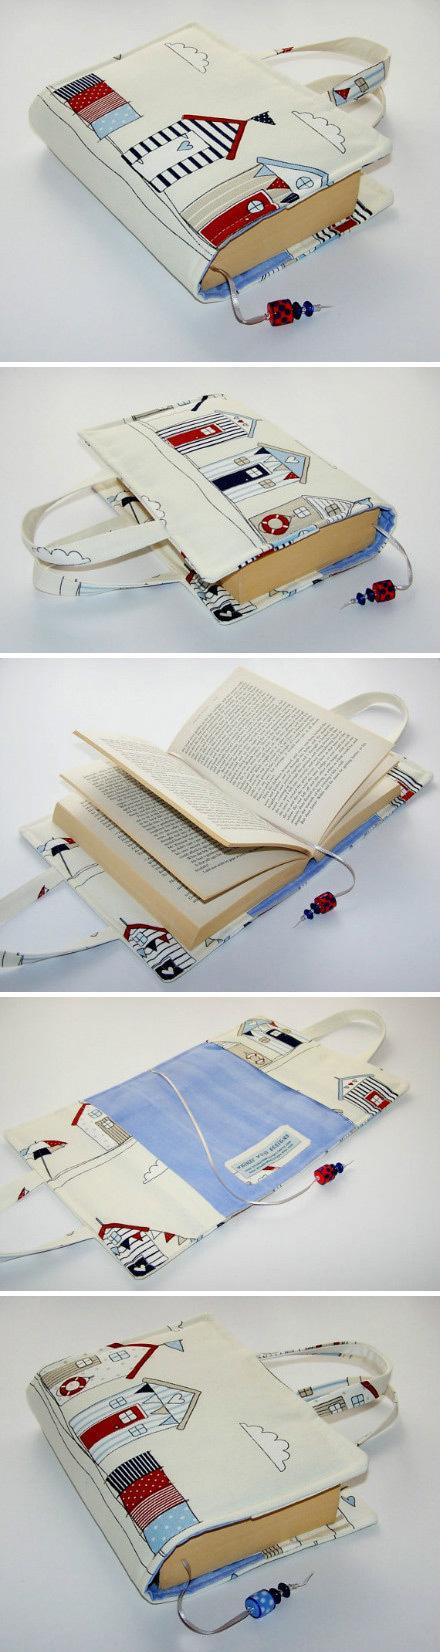 Handmade Book Cover Purse